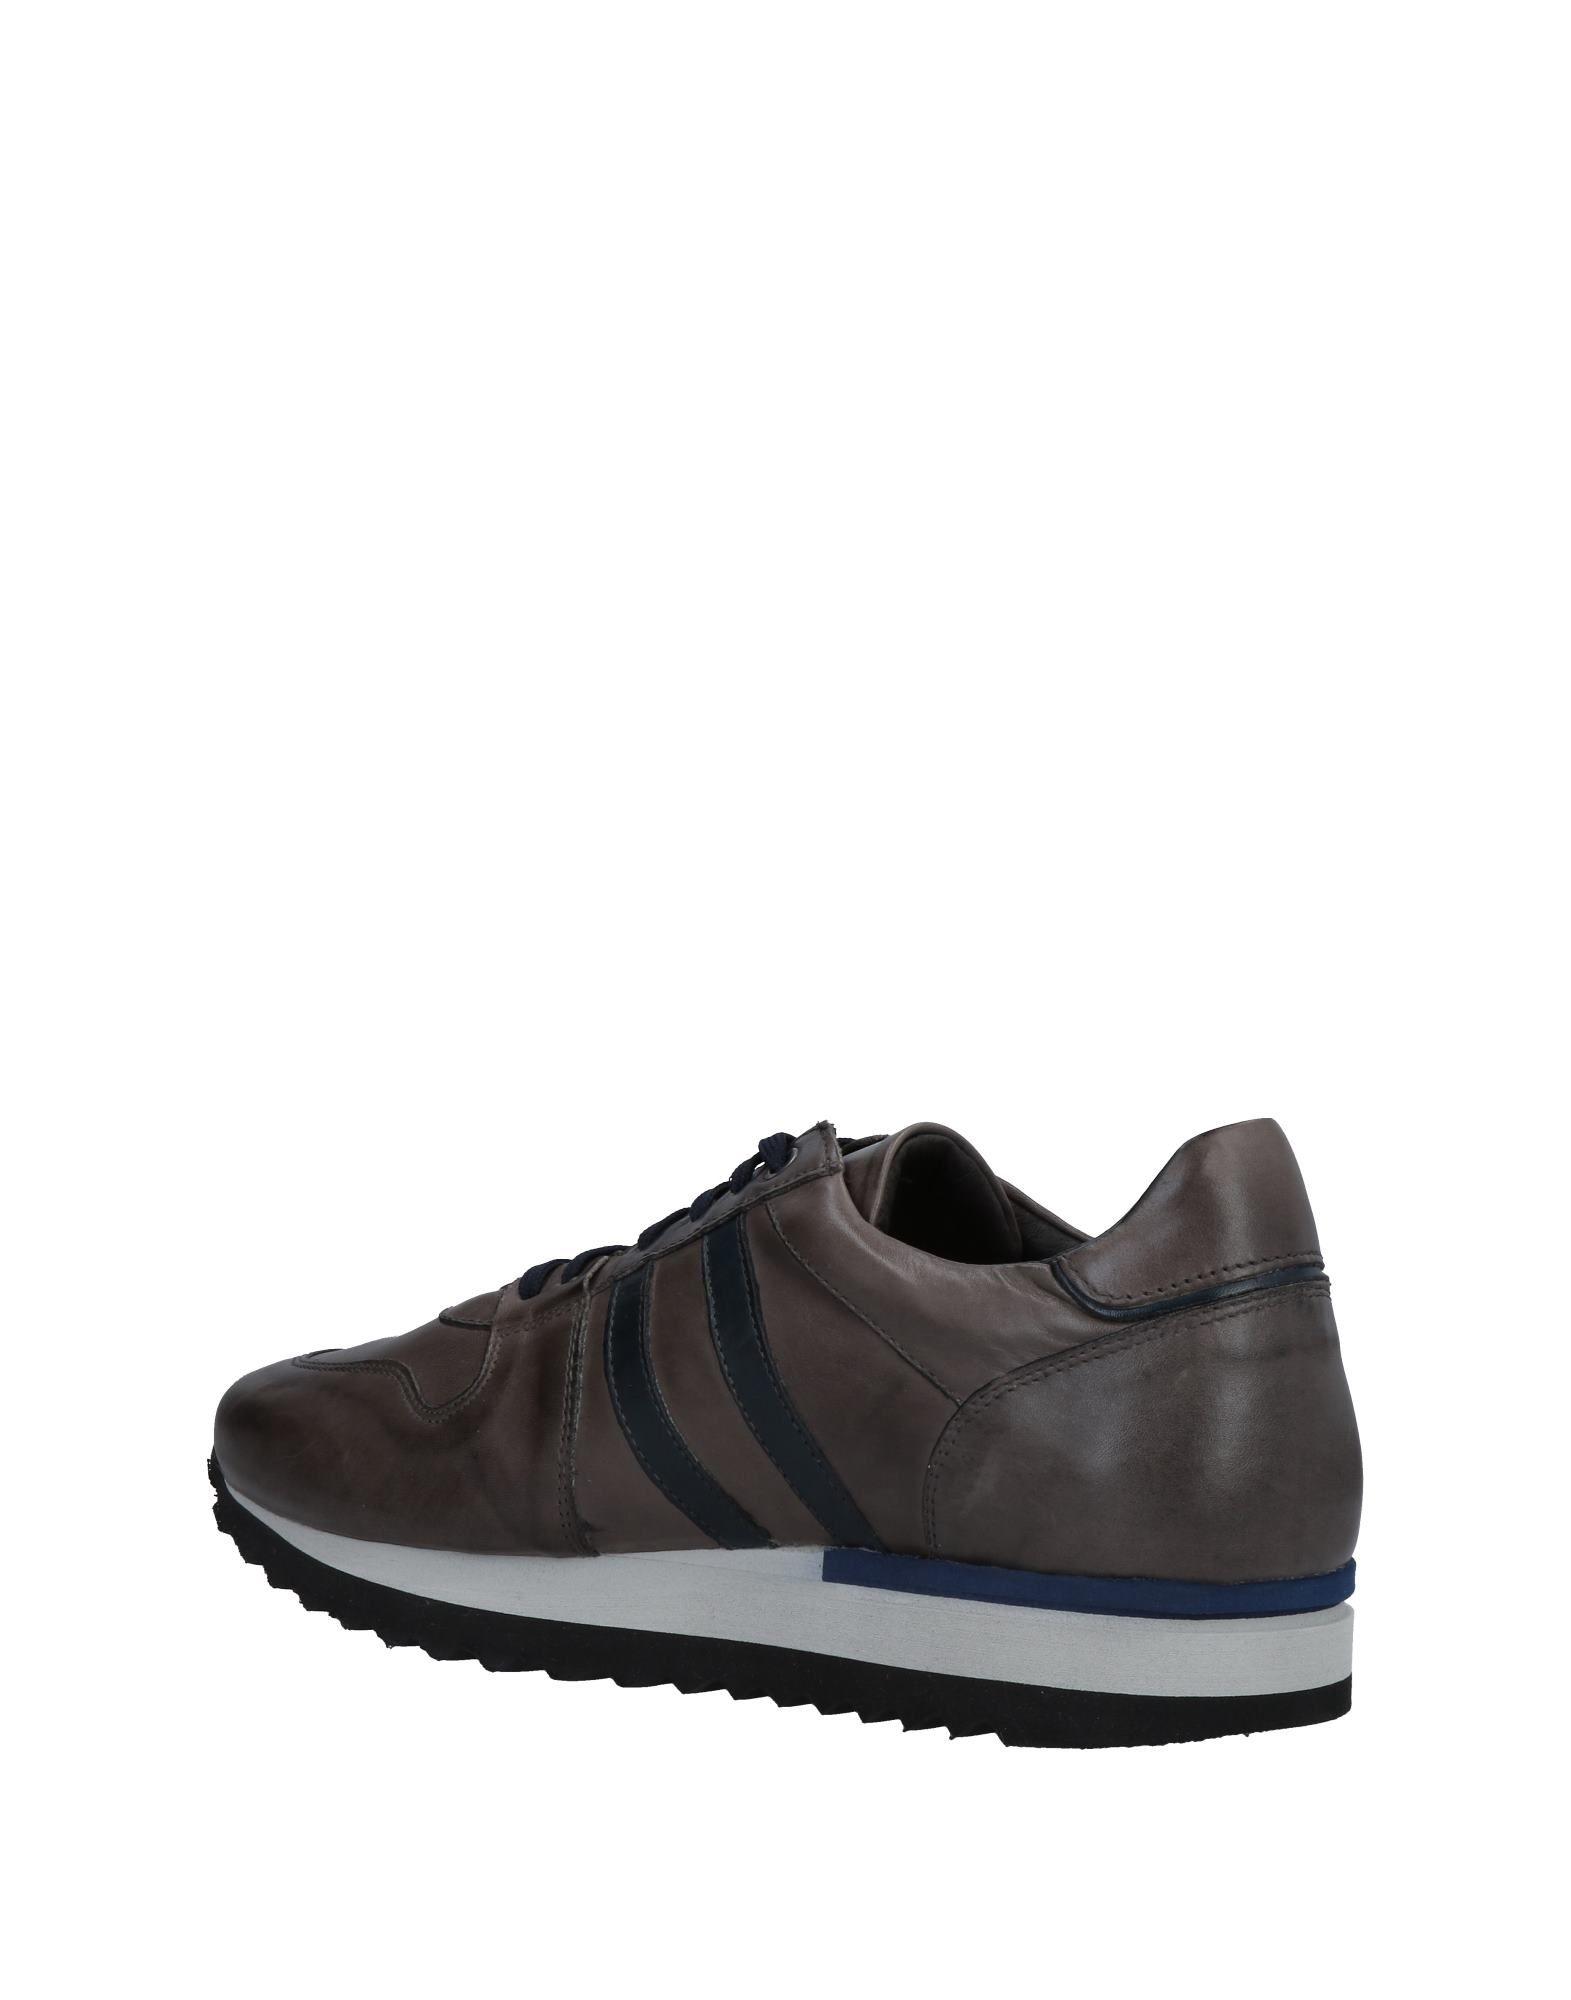 Exton Sneakers Herren    11493085HV Heiße Schuhe 9e7603